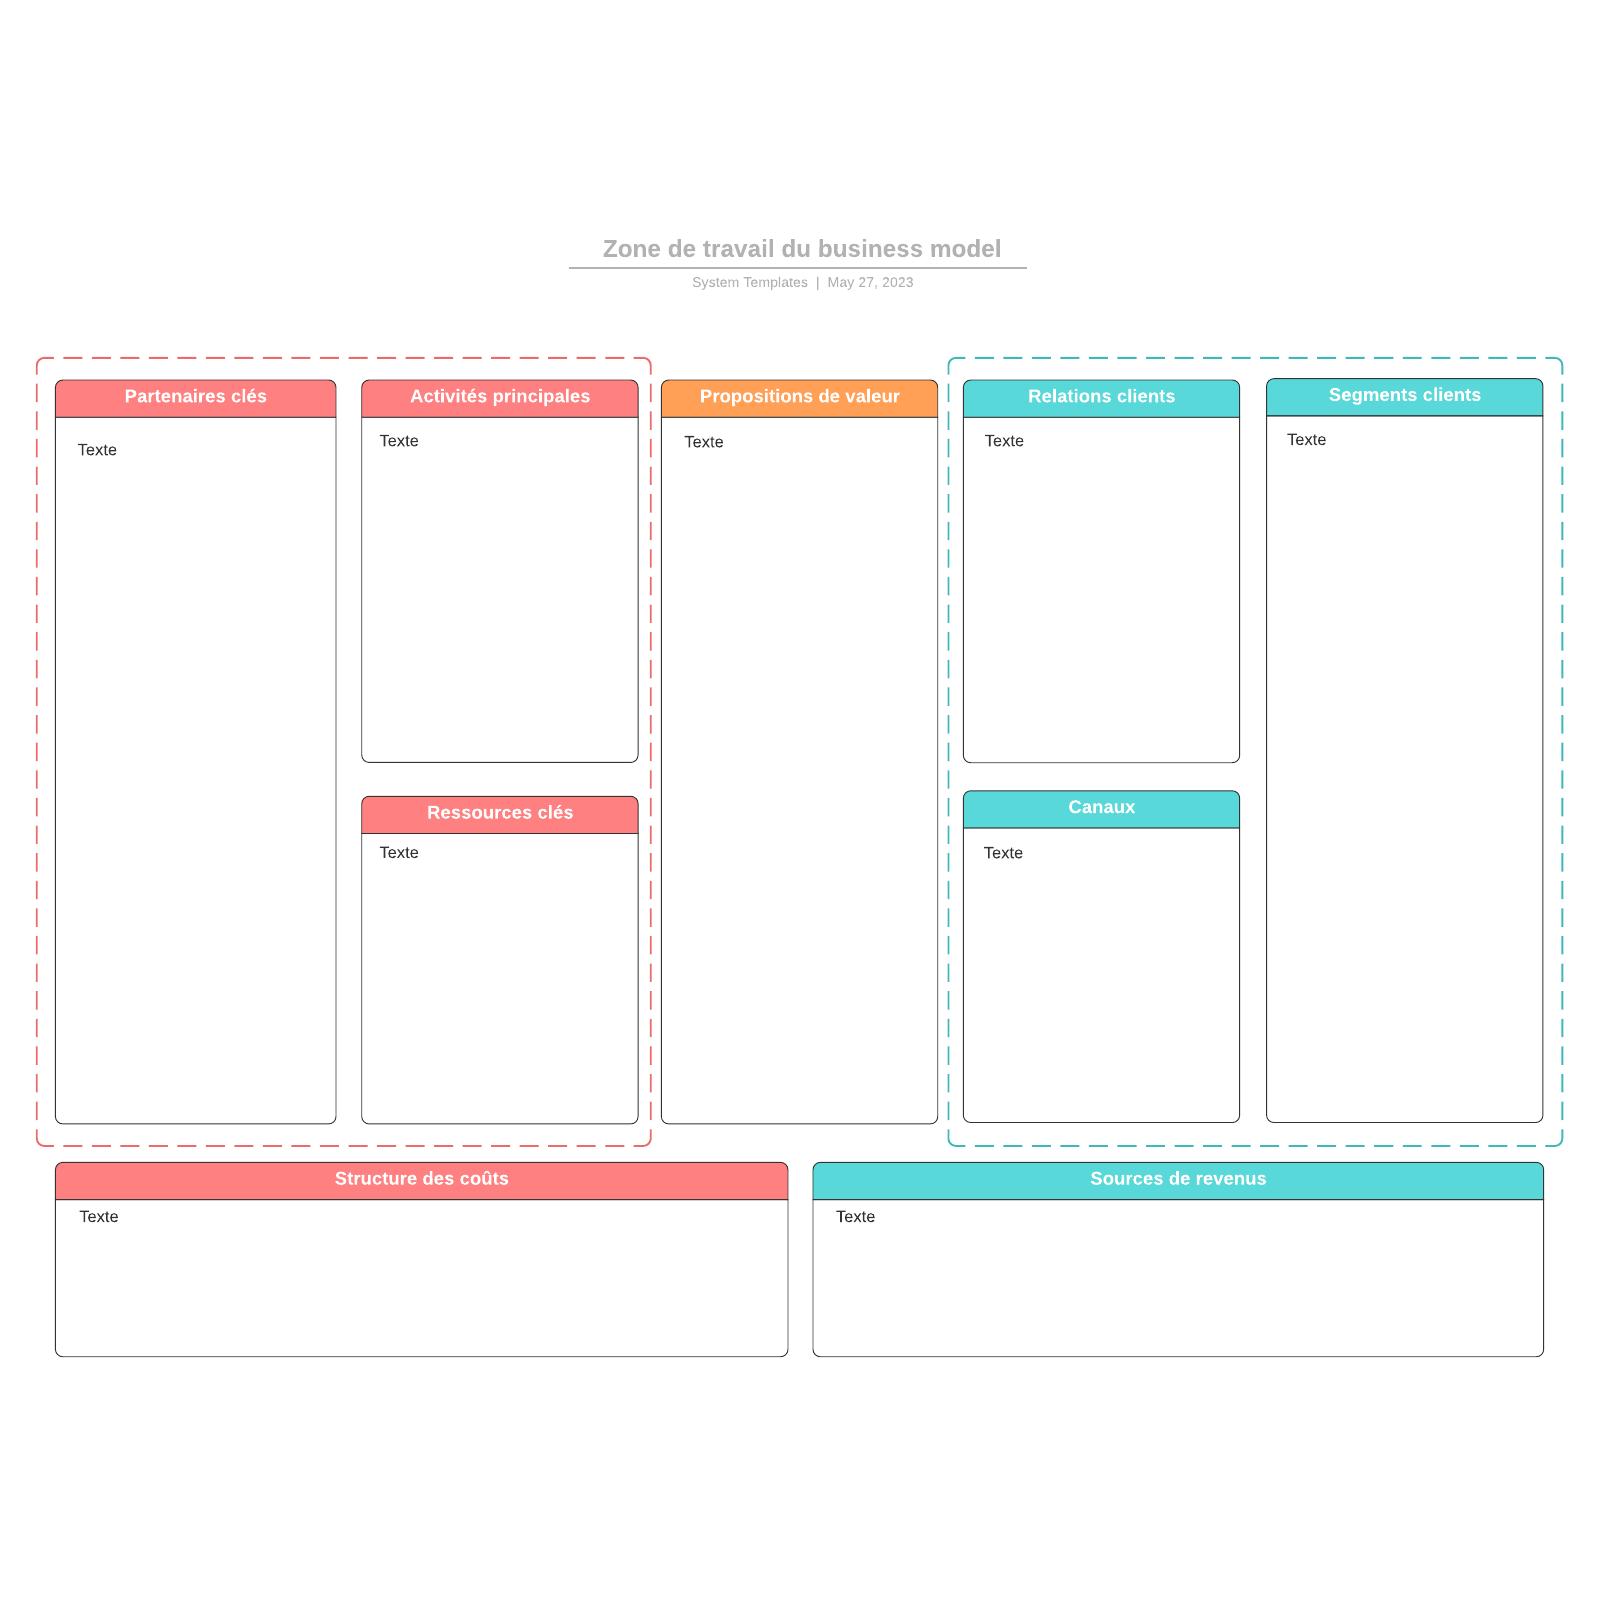 exemple de résumé opérationnel de business plan